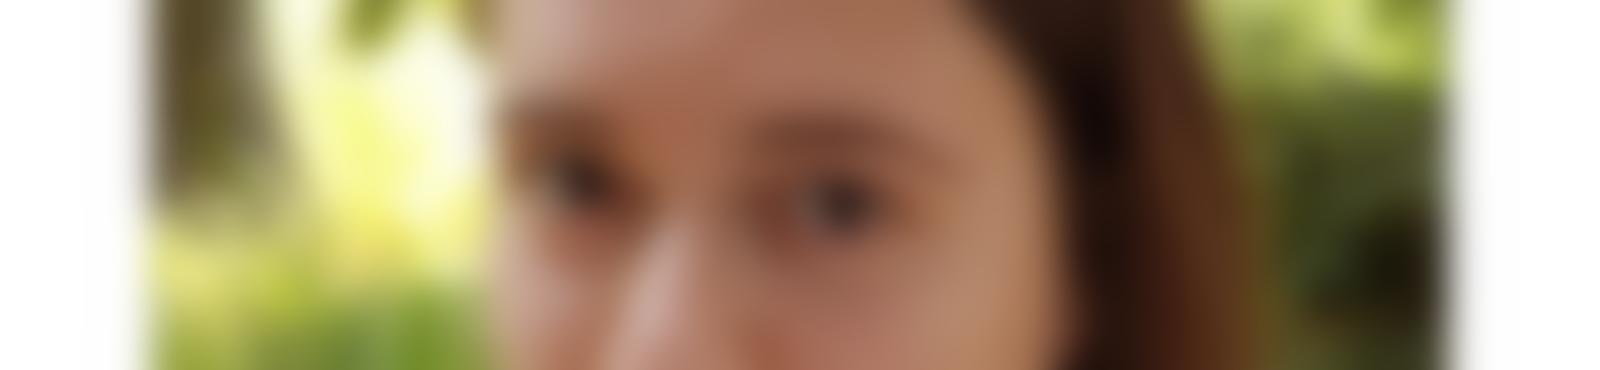 Blurred 1e2300d7 794e 4229 a8c9 3cc133a36119